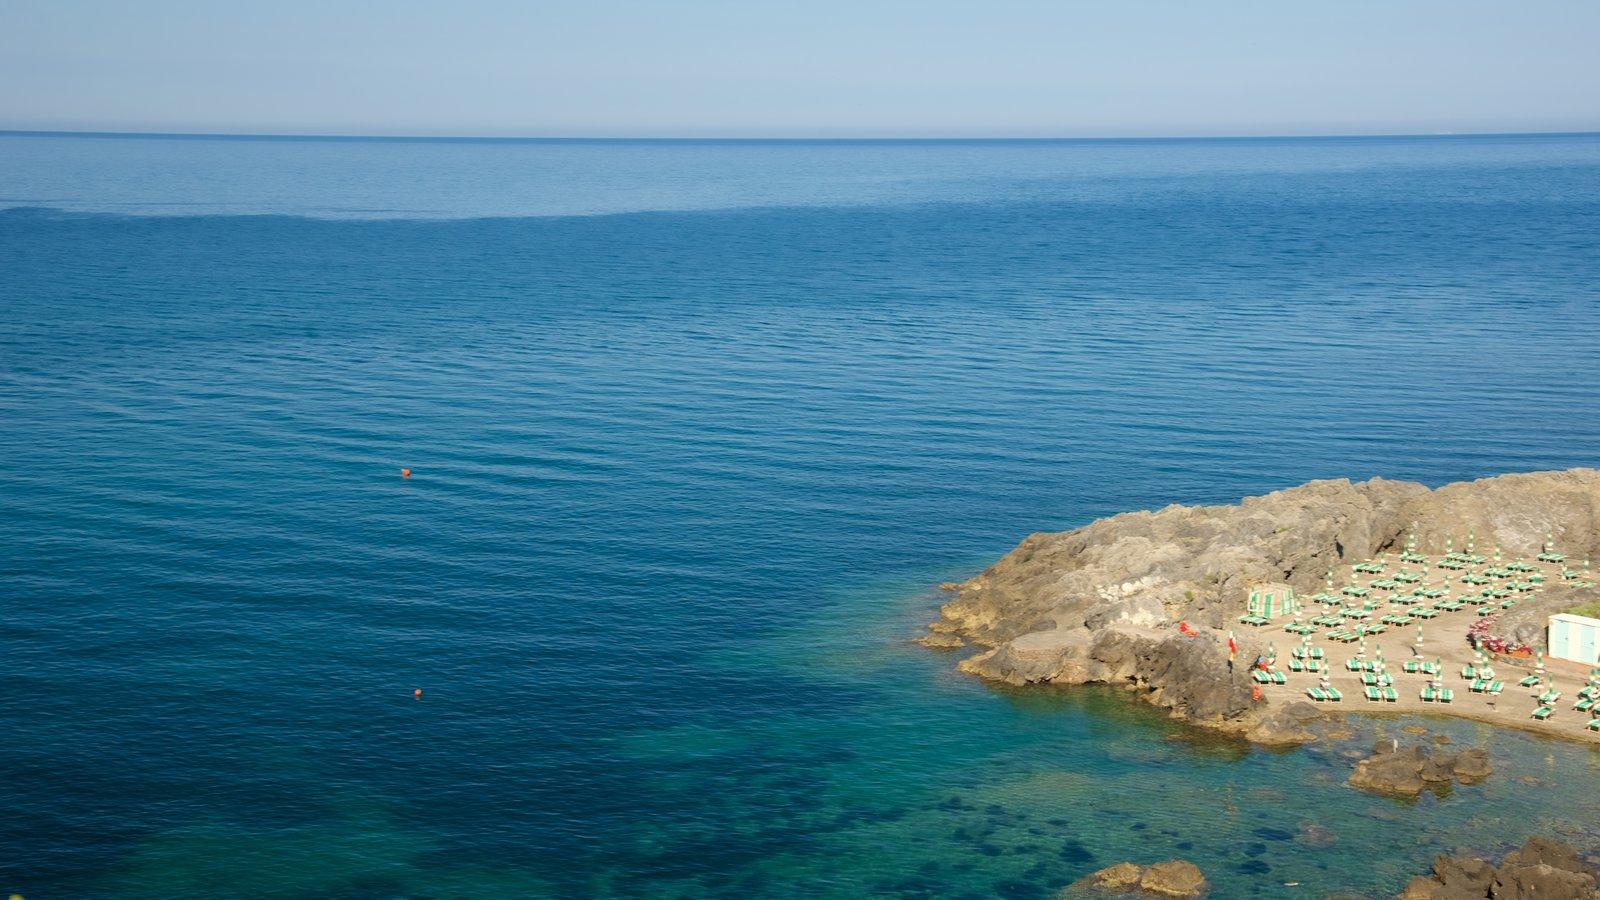 Talamone mostrando paisagens litorâneas e litoral acidentado